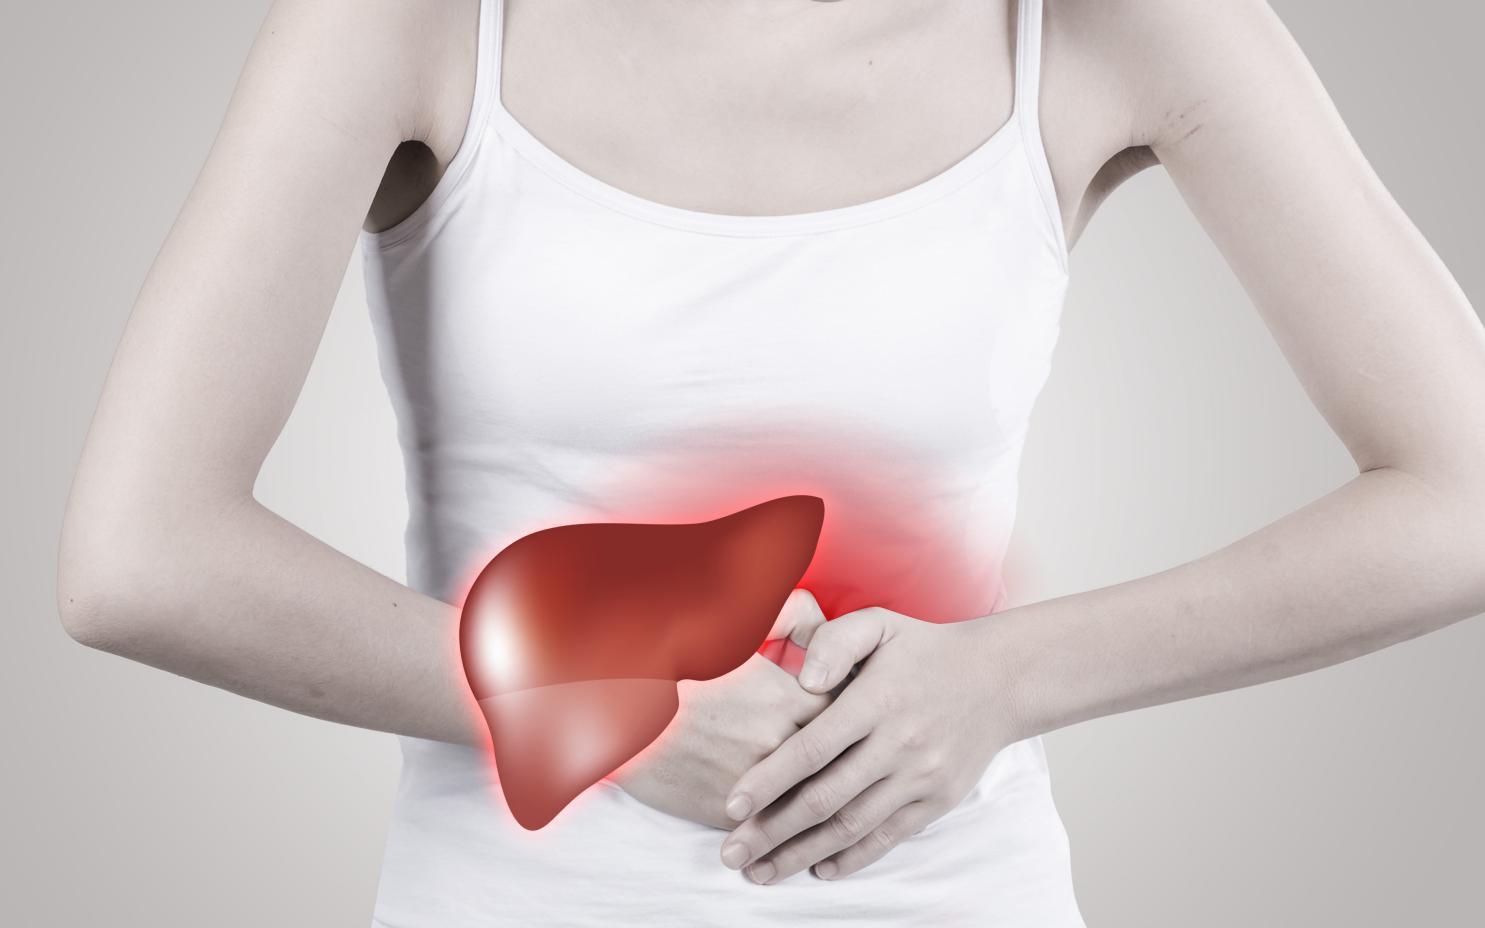 摄图网_500847344_女性内脏疼痛(非企业商用)